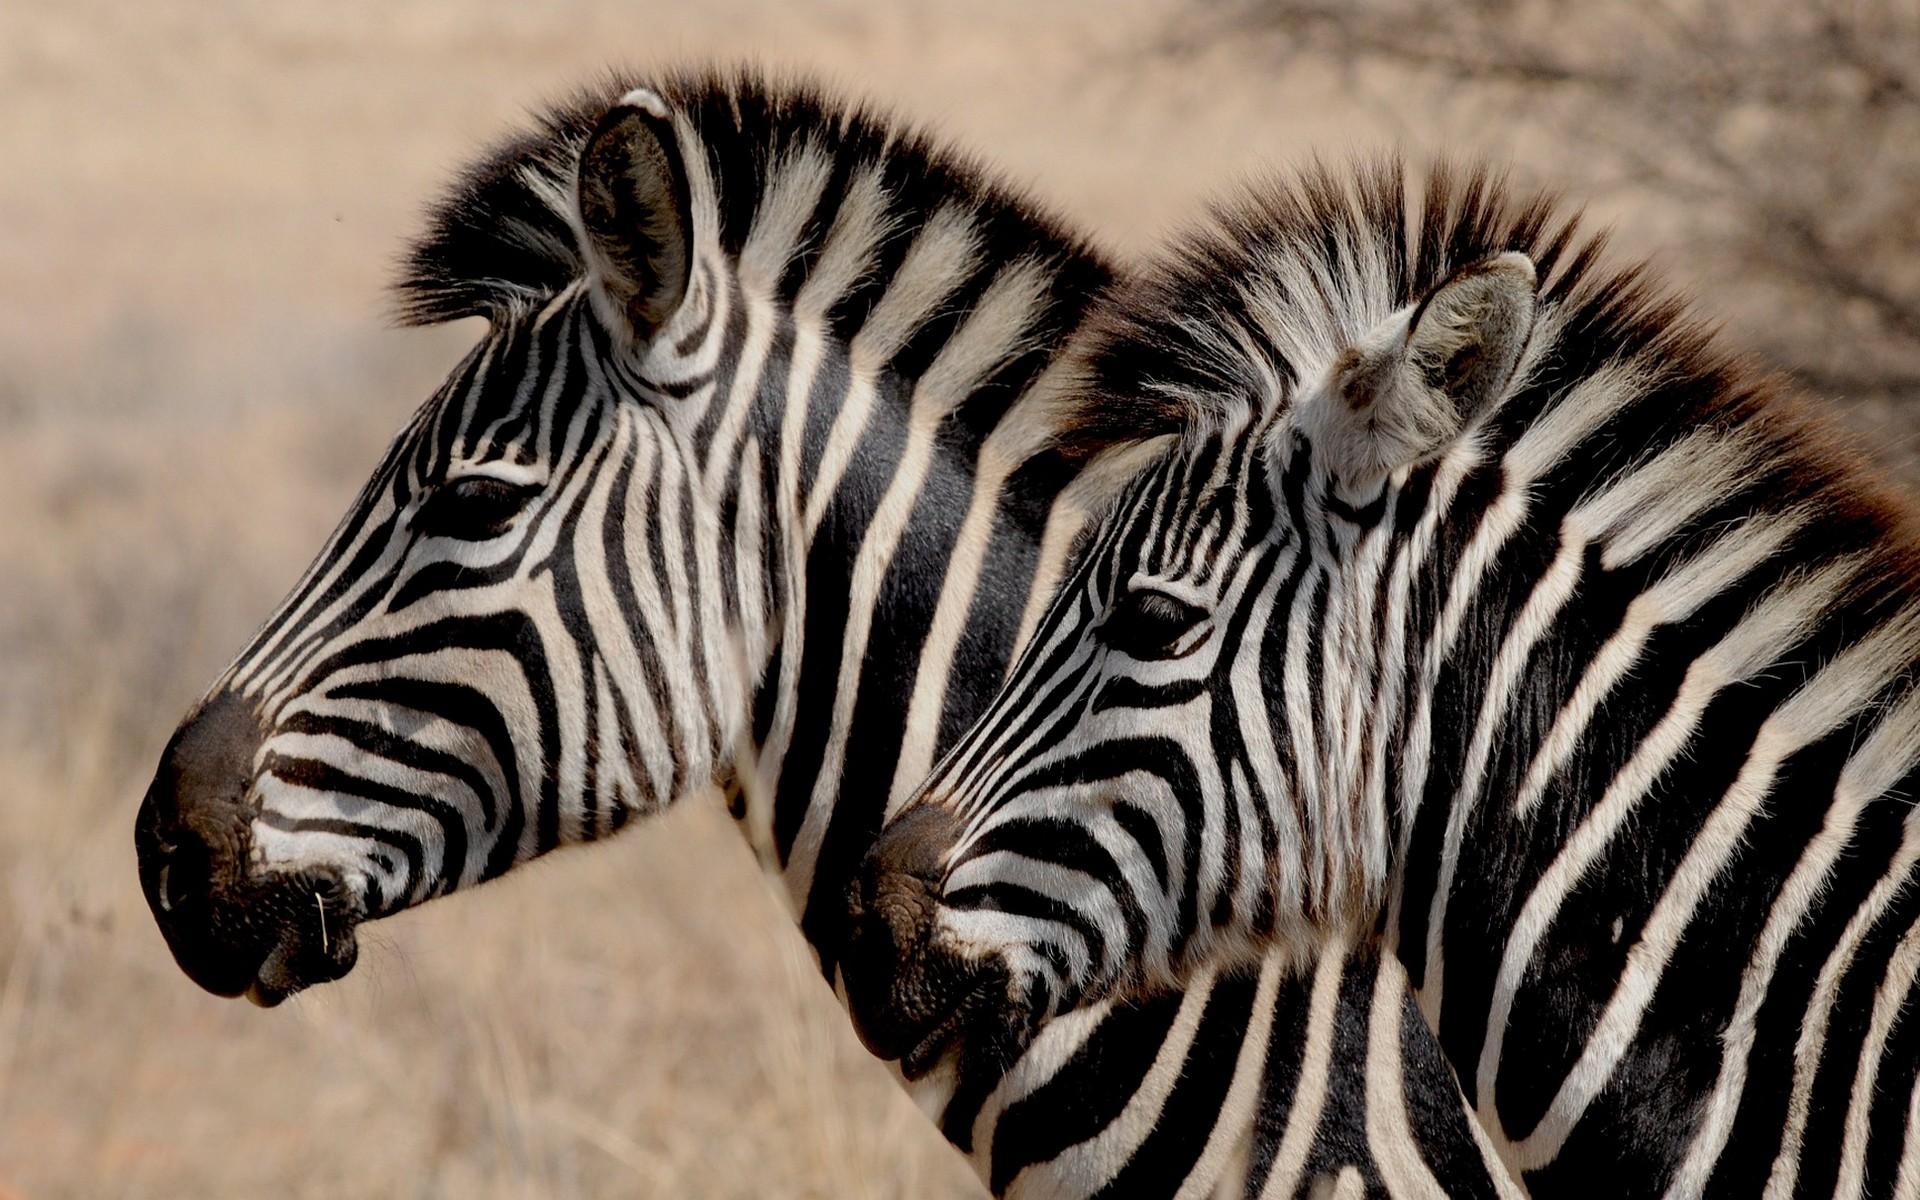 Fonds d 39 cran animaux sauvages gratuits - Images d animaux sauvages gratuites ...